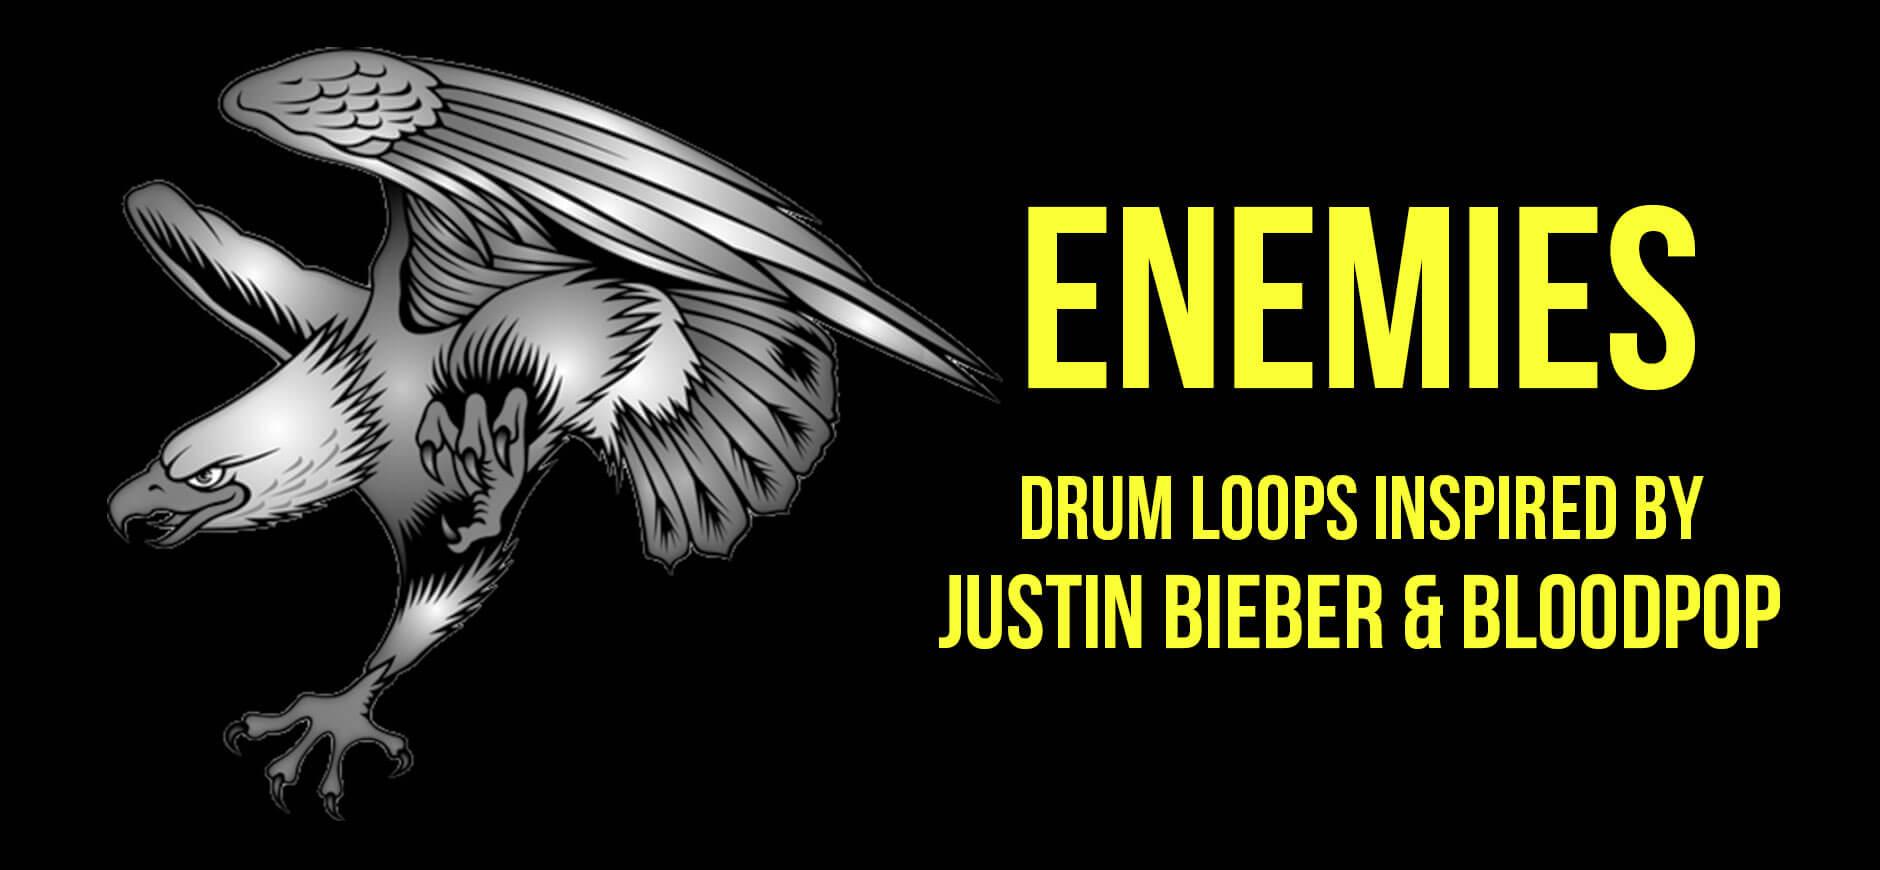 Friends Drum Loops Inspired by Justin Bieber & Bloodpop